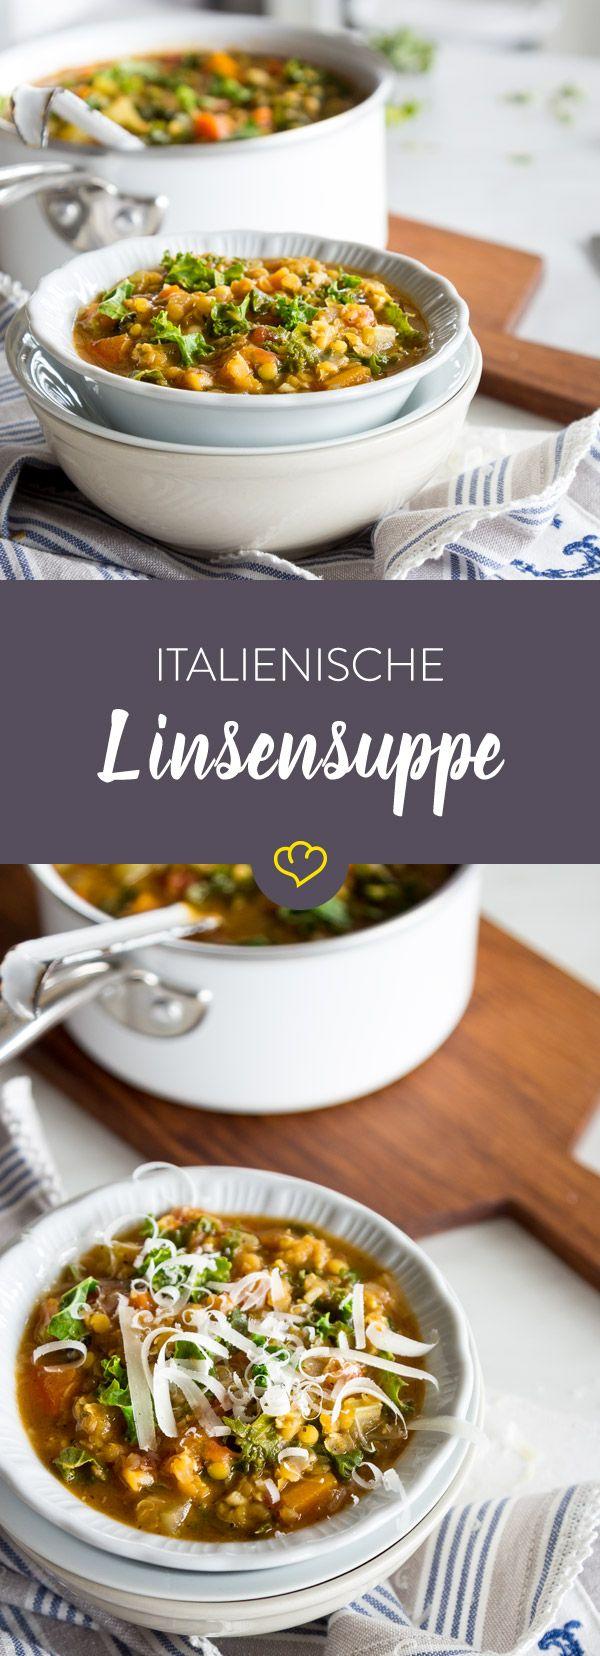 Mit diesem Rezept zauberst du dir einen Hauch Italien in deine Suppenschüssel. Neben Linsen tummeln sich Grünkohl und fein-wüzige Aromen in deiner Mahlzeit.